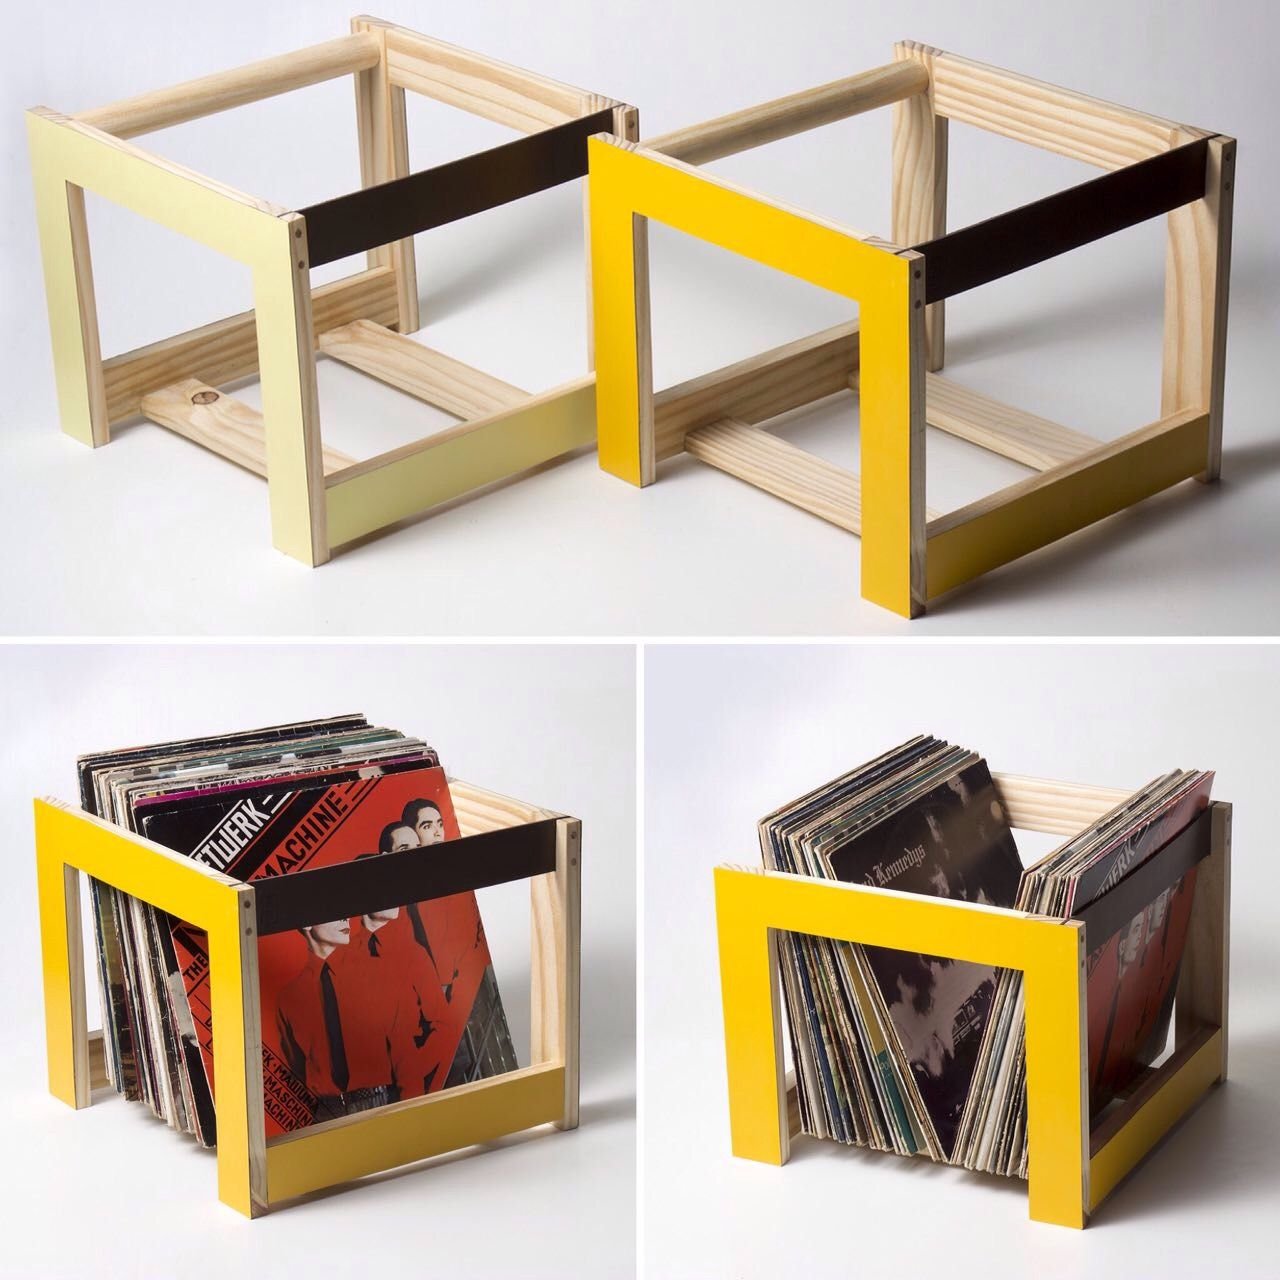 Vinyl holder - www.maxtango.com.br